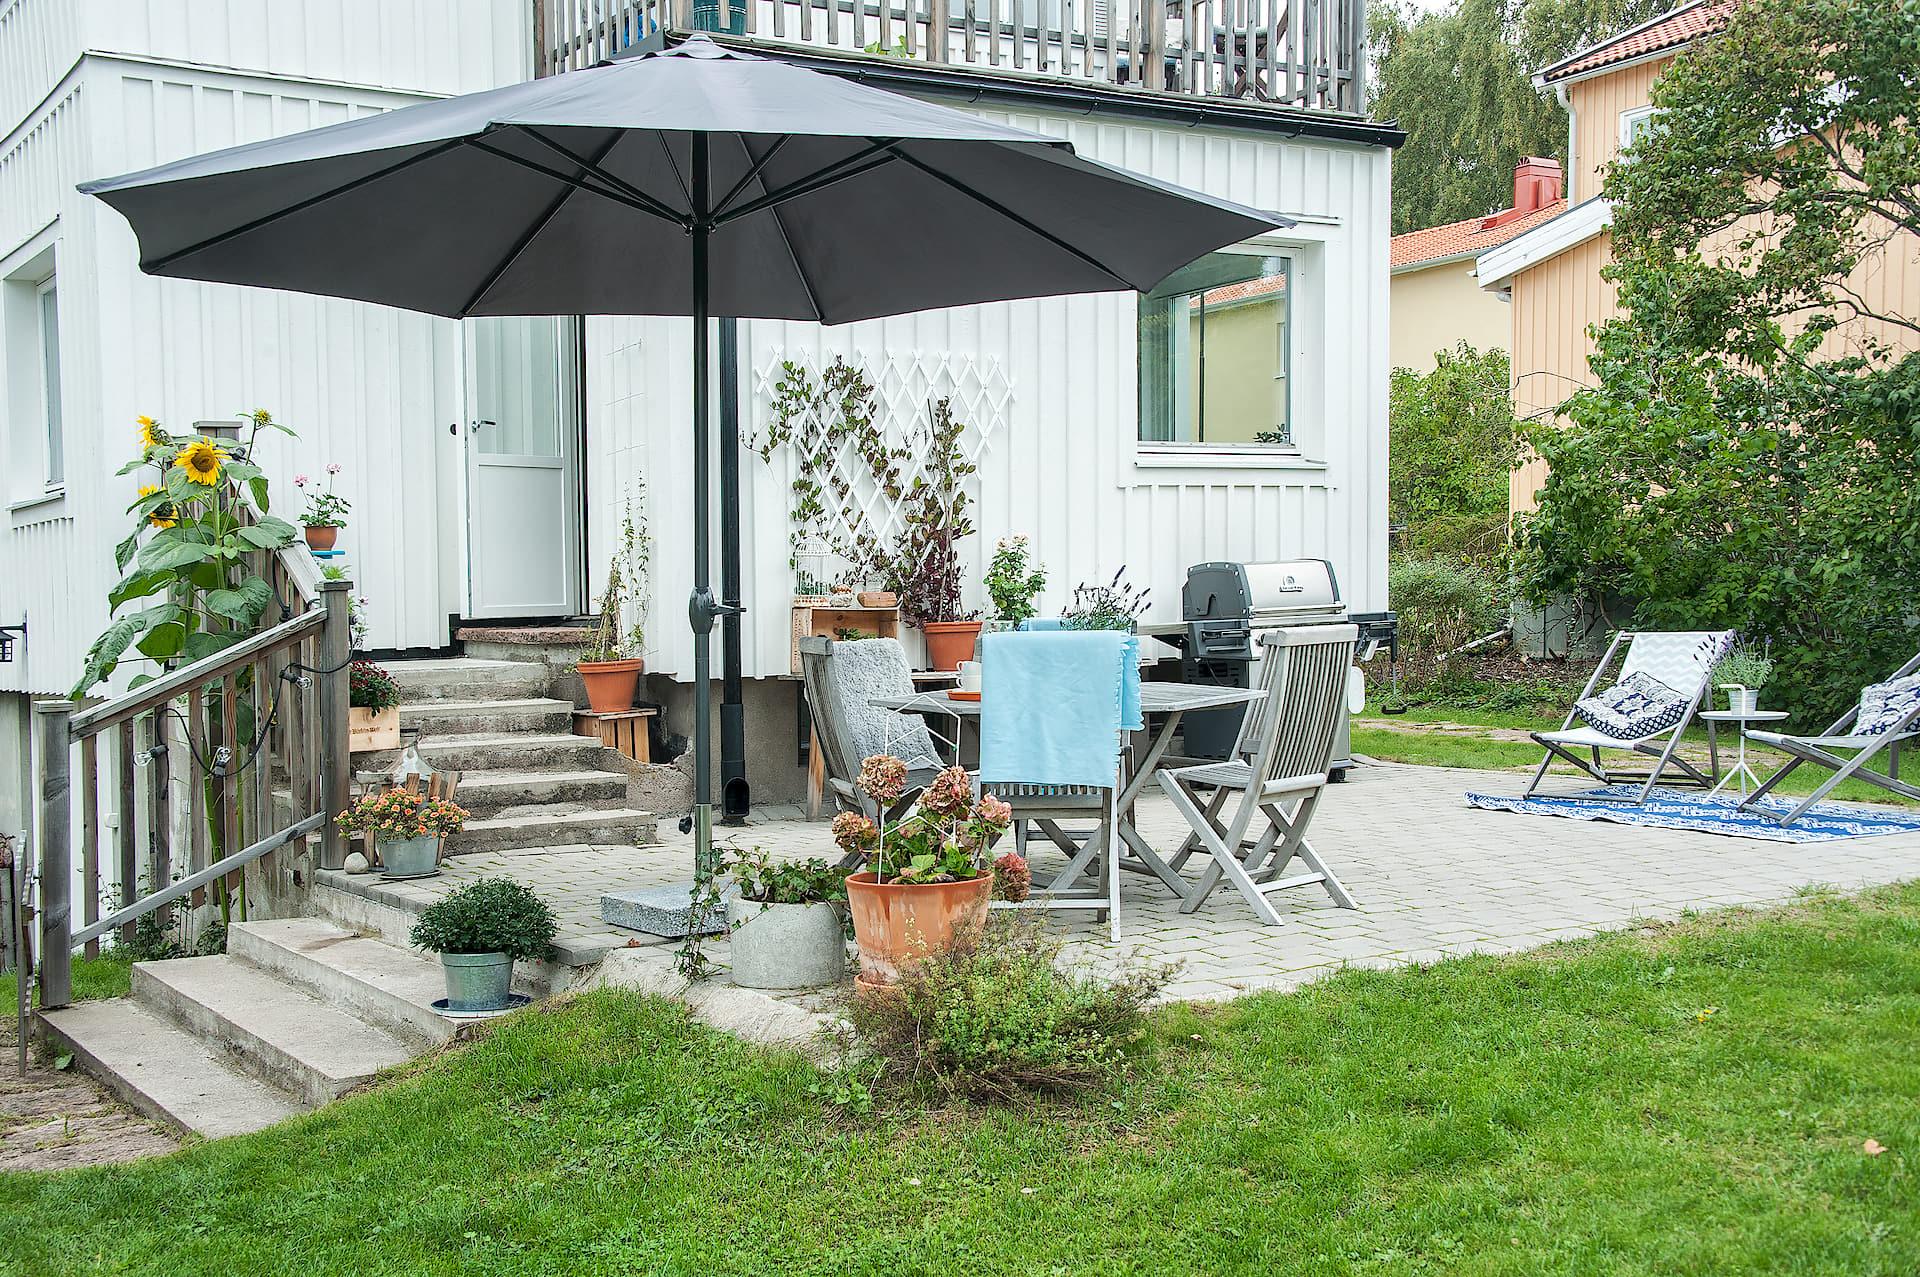 терраса уличная мебель зонт гриль газон